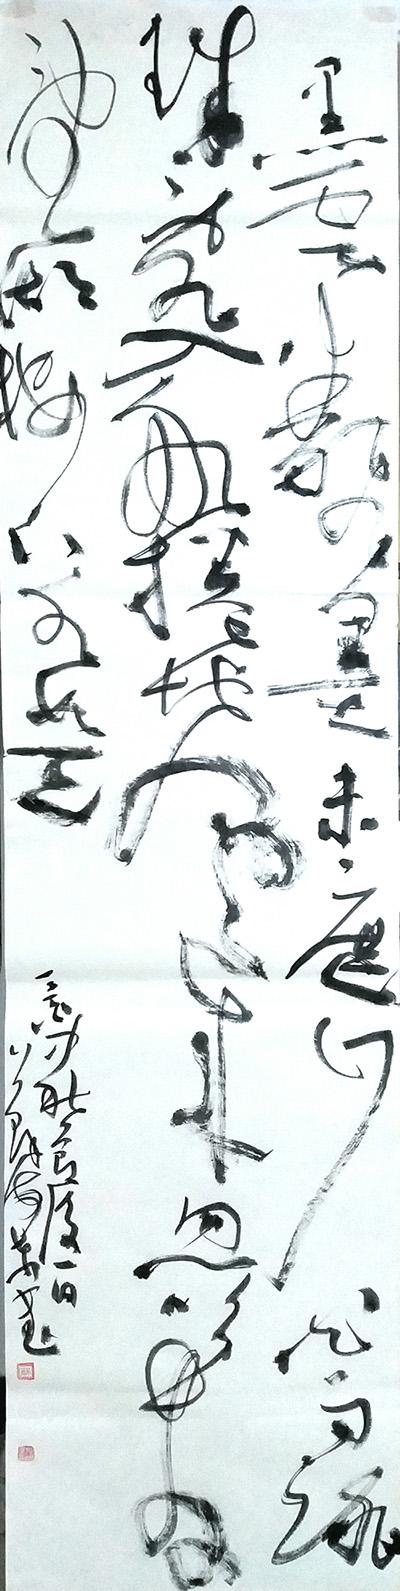 苏海东作品之一 (15)